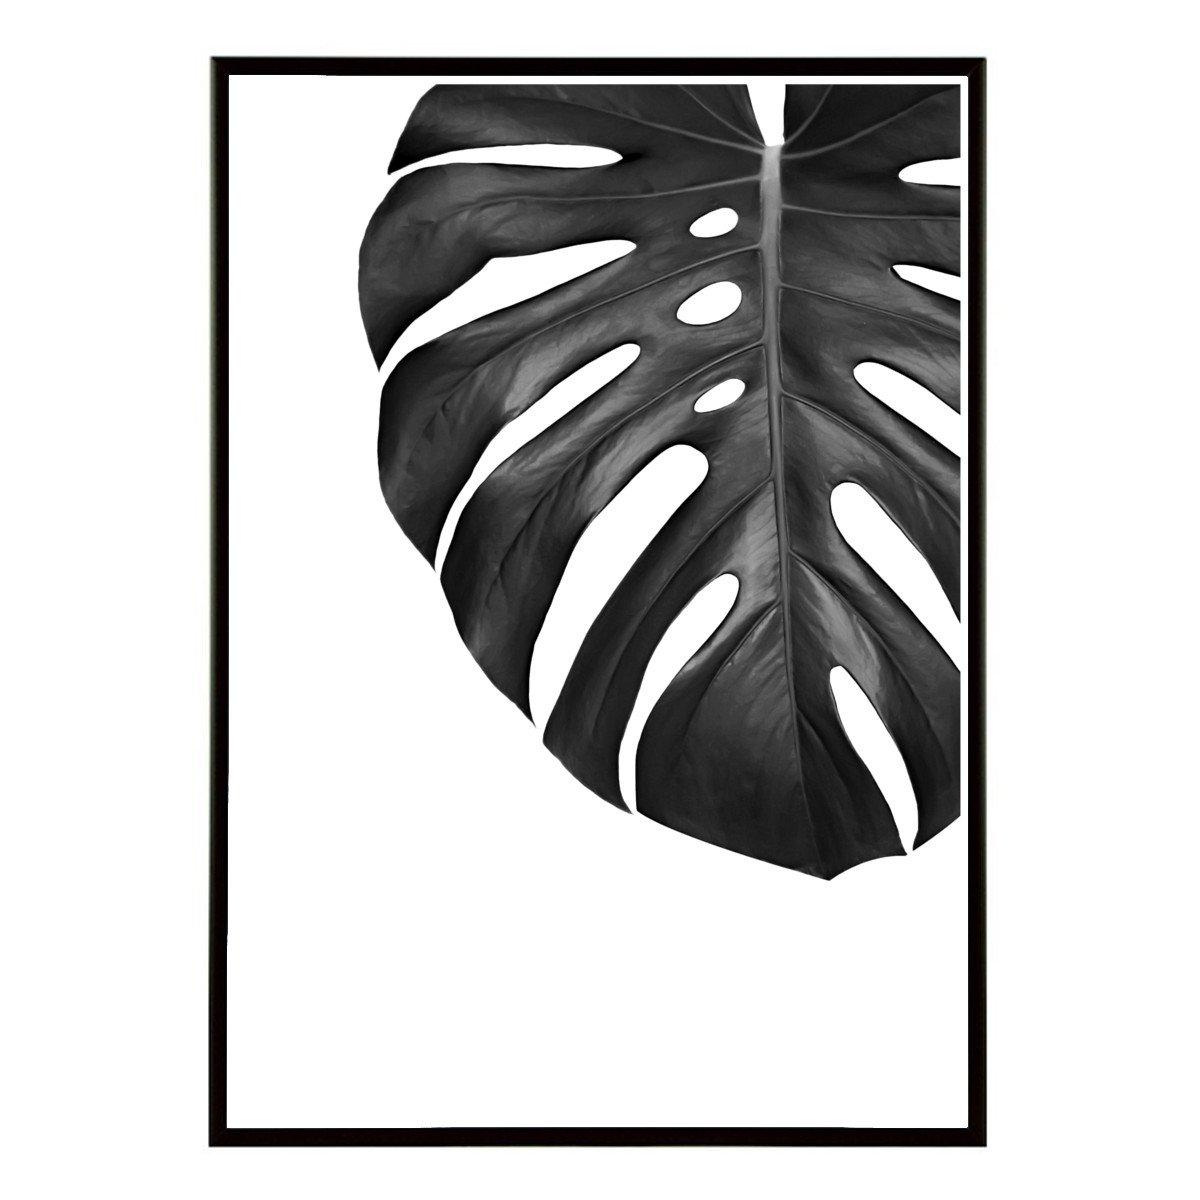 Aroma of Paris アートポスター おしゃれ インテリア 北欧 モノクロ アート #076 A2 ホワイトフレーム B079CZ3PYJ A2 (420 x 594mm)|ホワイトフレーム ホワイトフレーム A2 (420 x 594mm)